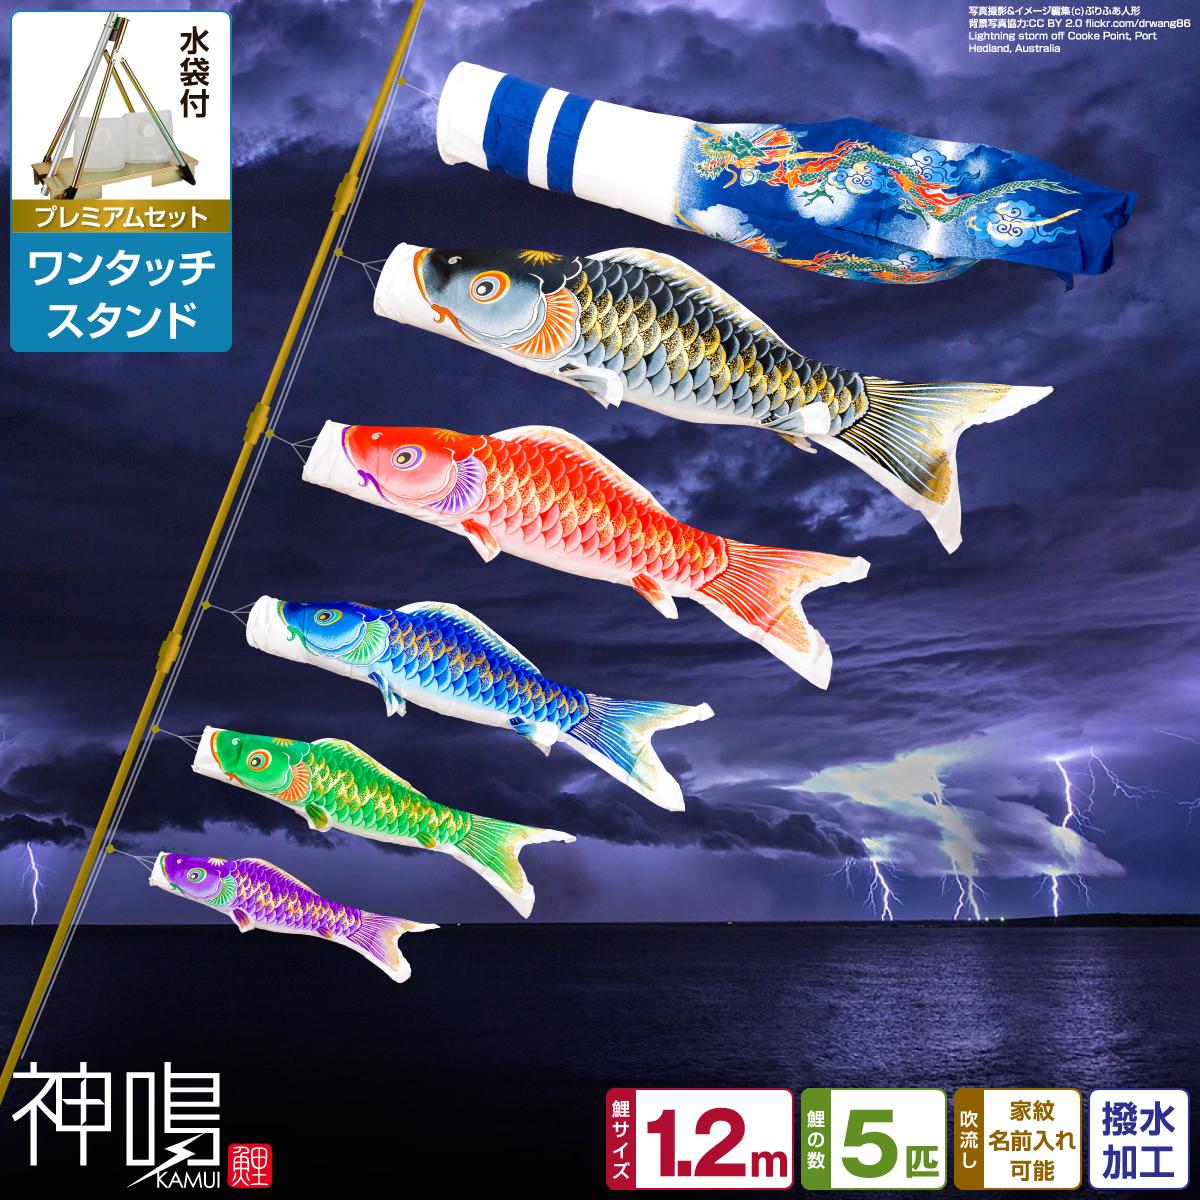 ベランダ用 鯉のぼり 神鳴鯉-KAMUI- 1.2m 8点(吹流し+鯉5匹+矢車+ロープ)/プレミアムセット(ワンタッチスタンド)